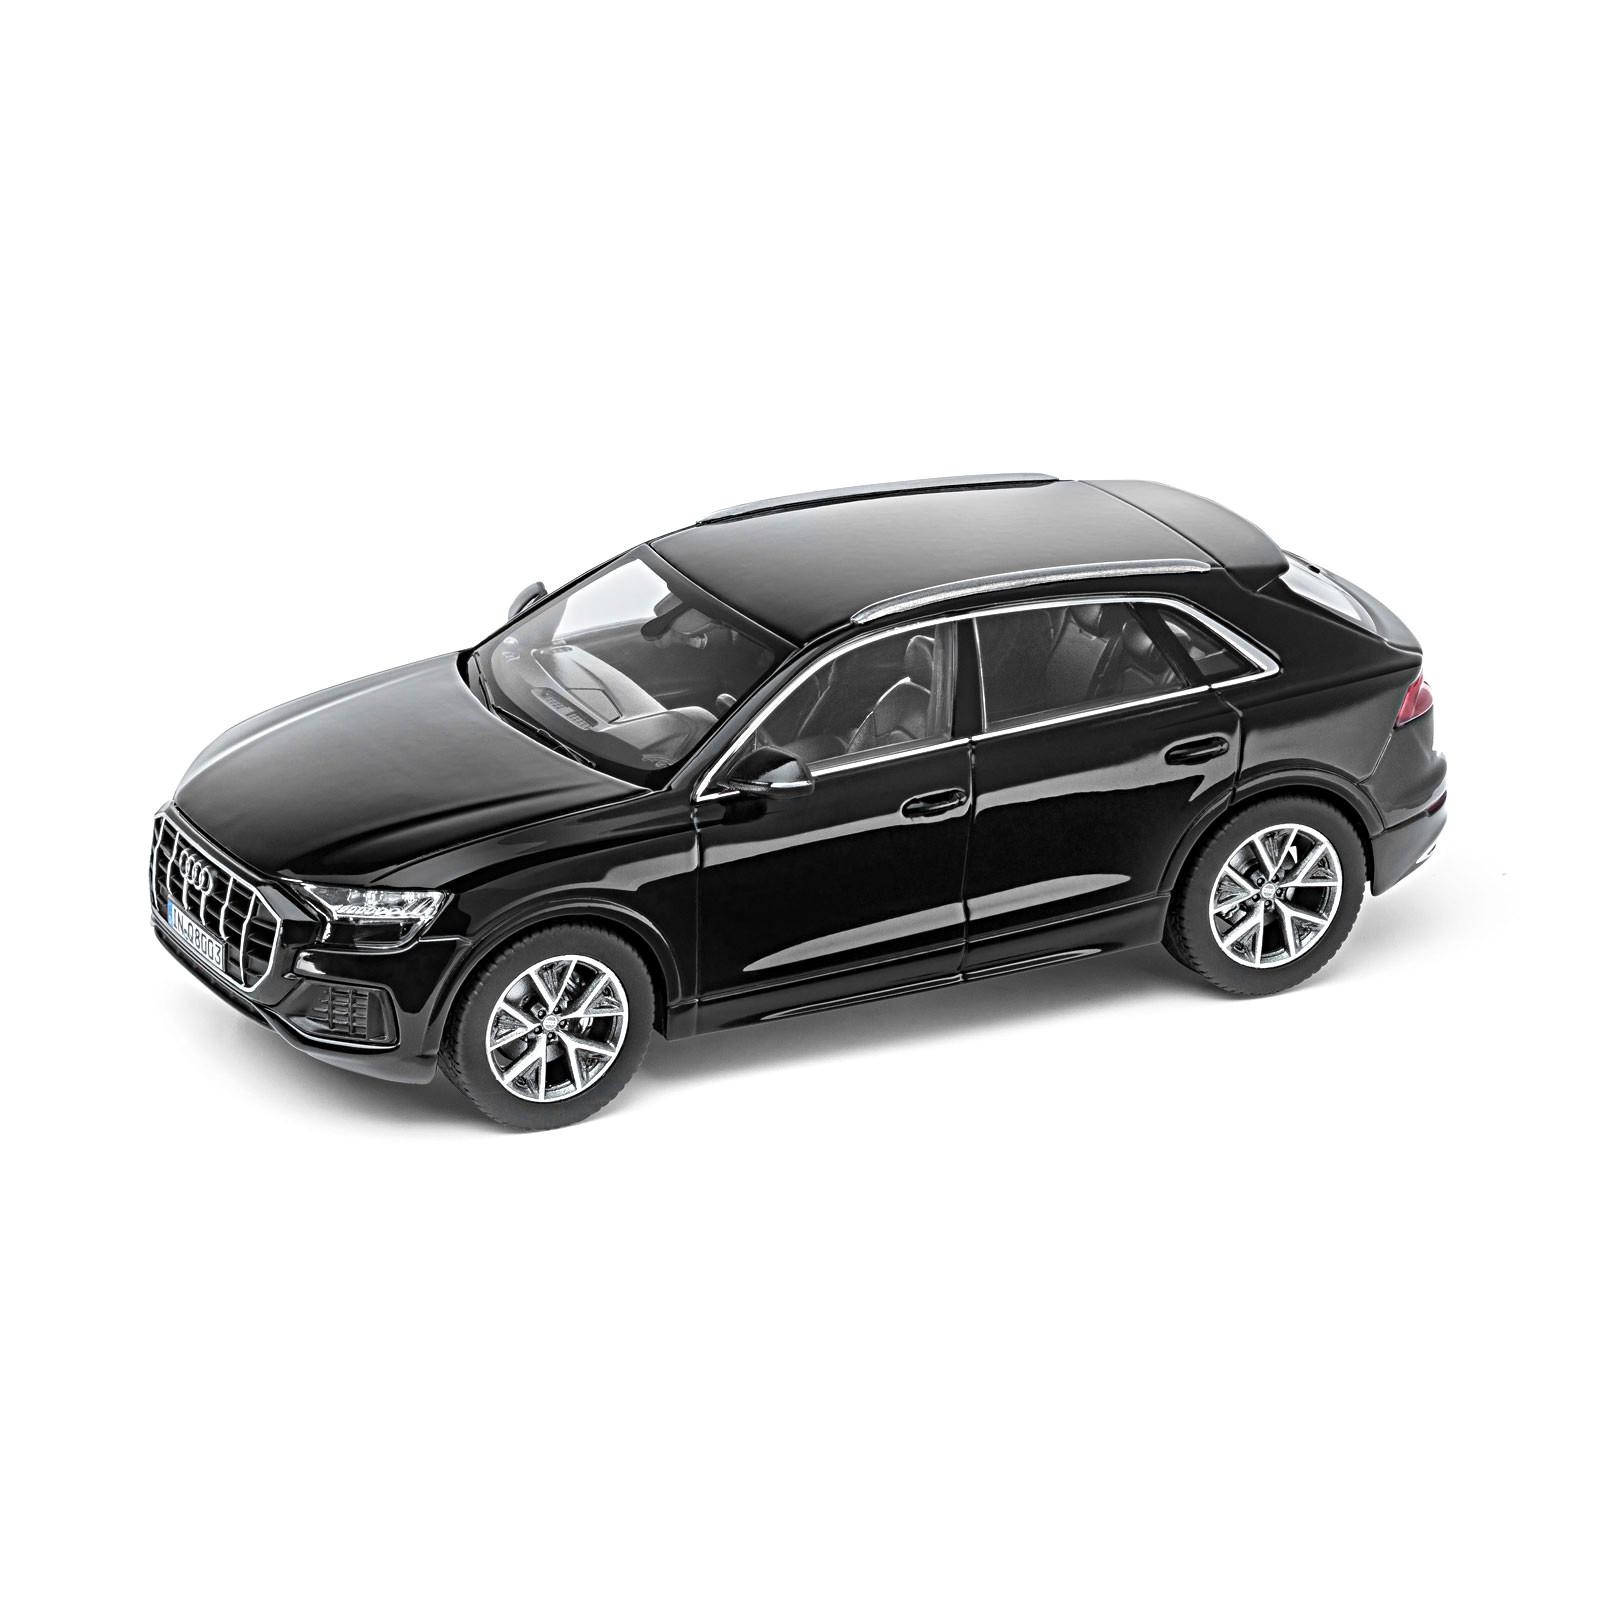 Een Audi Q8 Voor Slechts € 35,00?